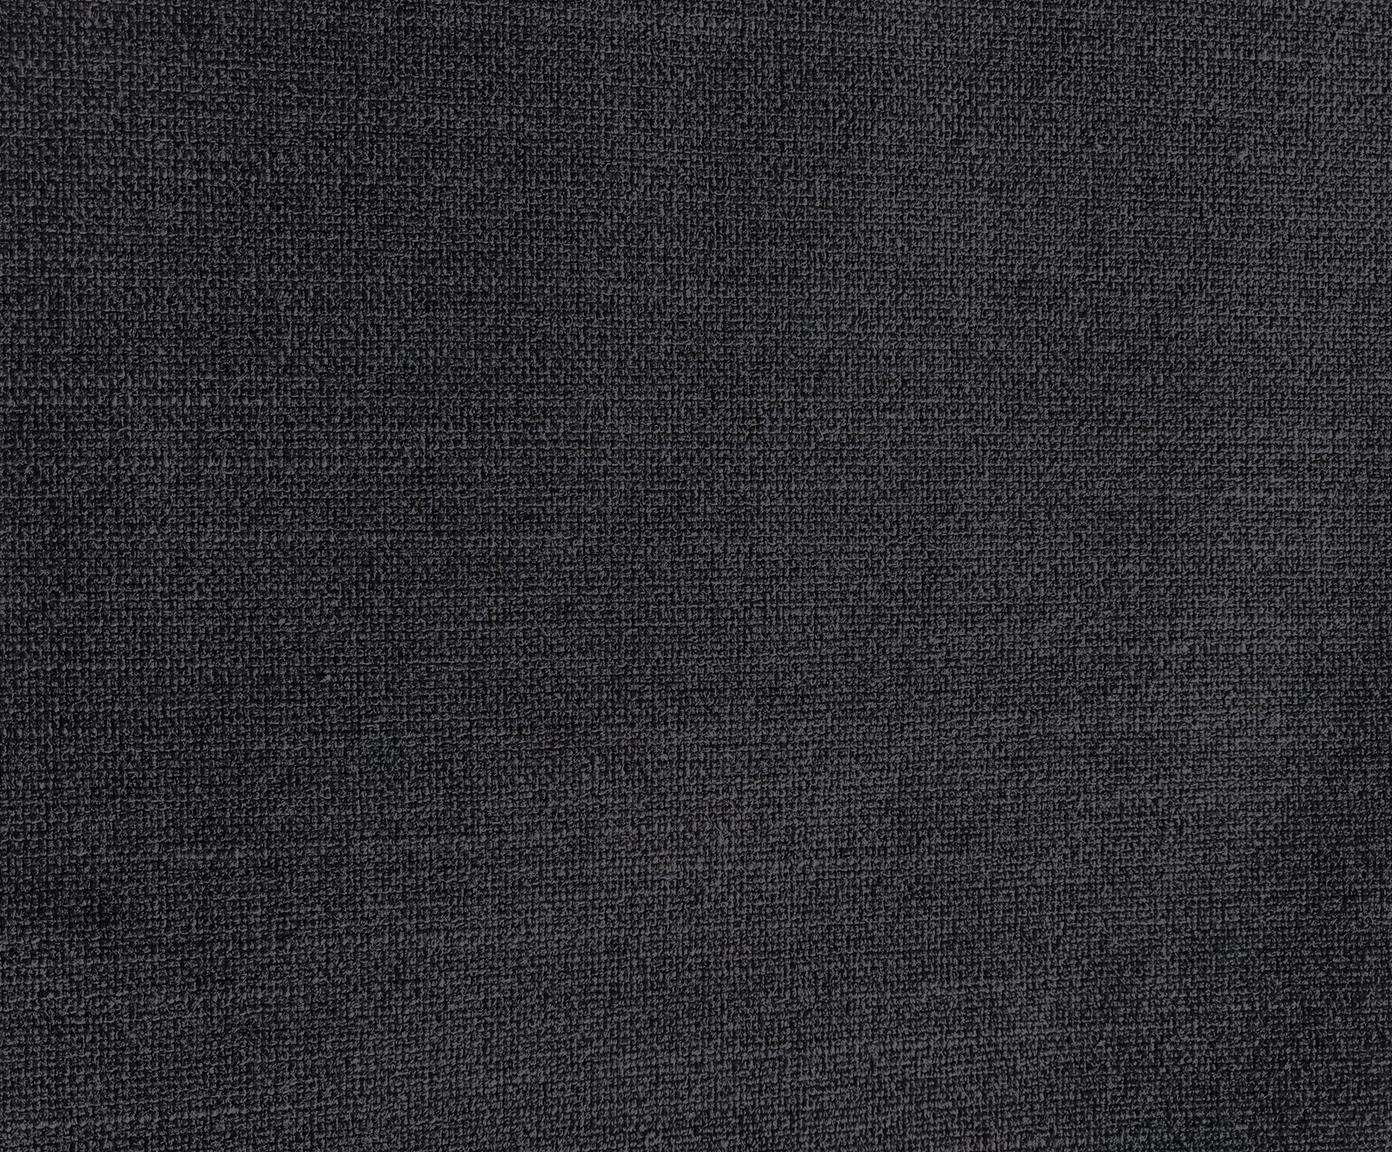 Sofa Moby (3-osobowa), Tapicerka: poliester 60000 cykli w , Tapicerka: pianka na zawieszeniu spr, Stelaż: lite drewno sosnowe, Nogi: metal malowany proszkowo, Ciemnyszary, S 220 x G 95 cm